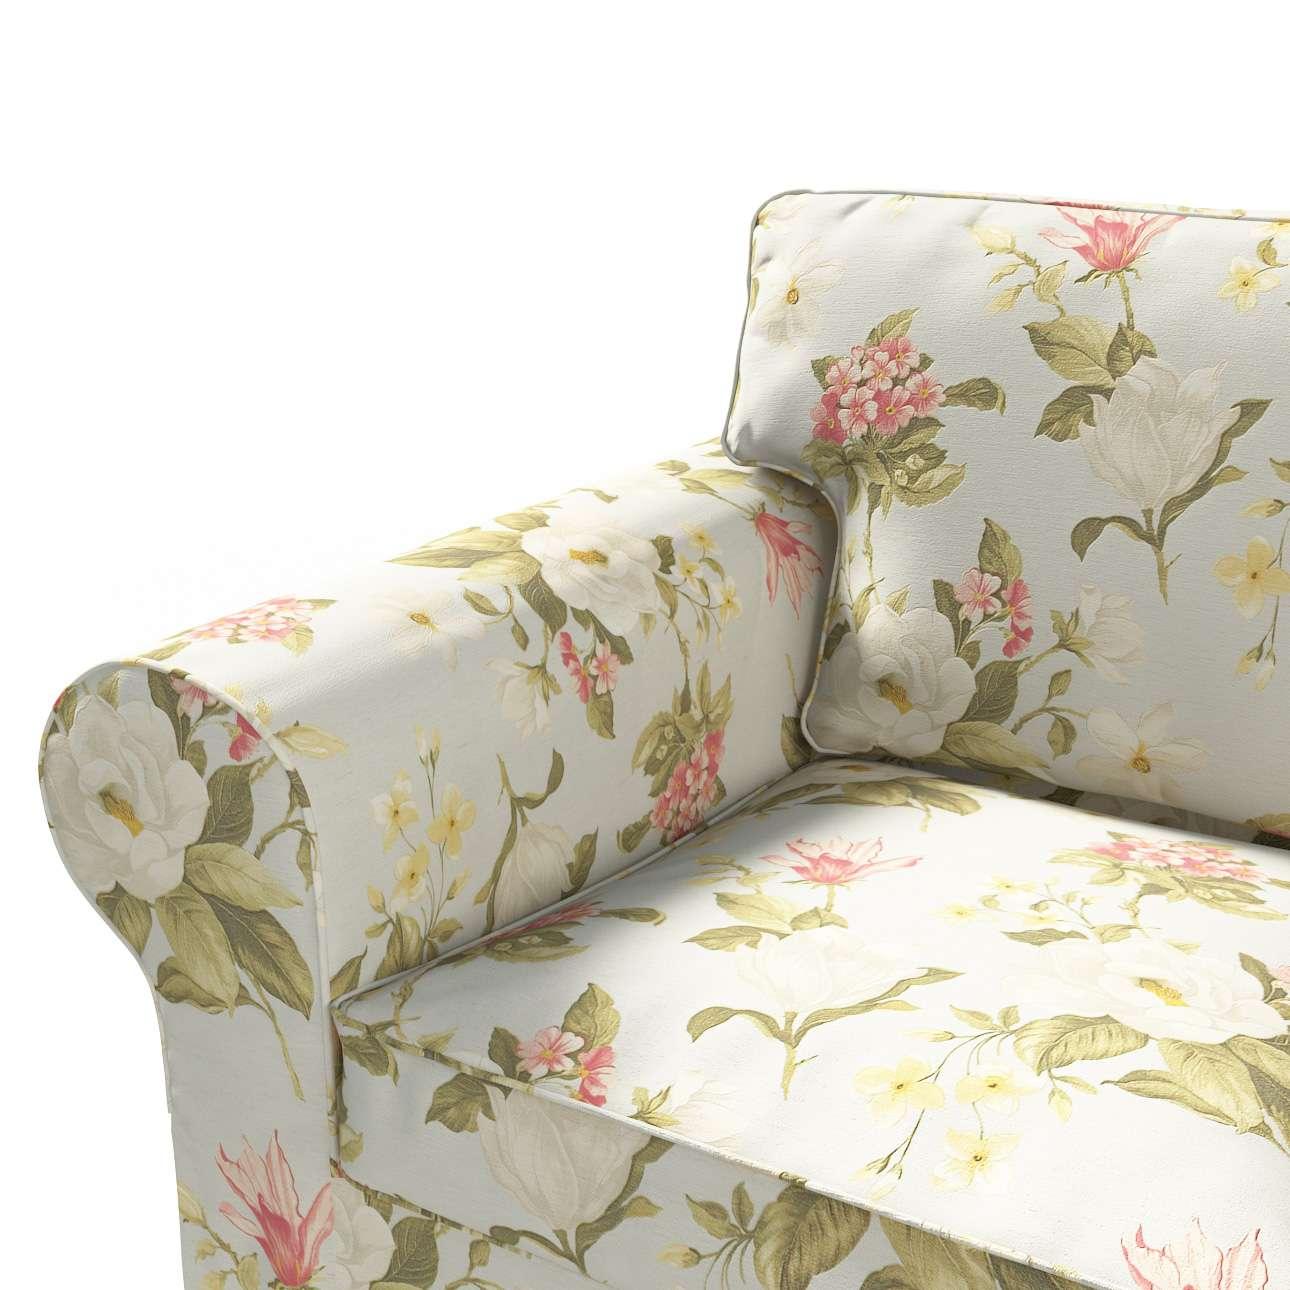 Pokrowiec na sofę Ektorp 2-osobową rozkładana NOWY MODEL 2012 sofa ektorp 2-osobowa rozkładana NOWY MODEL w kolekcji Londres, tkanina: 123-65